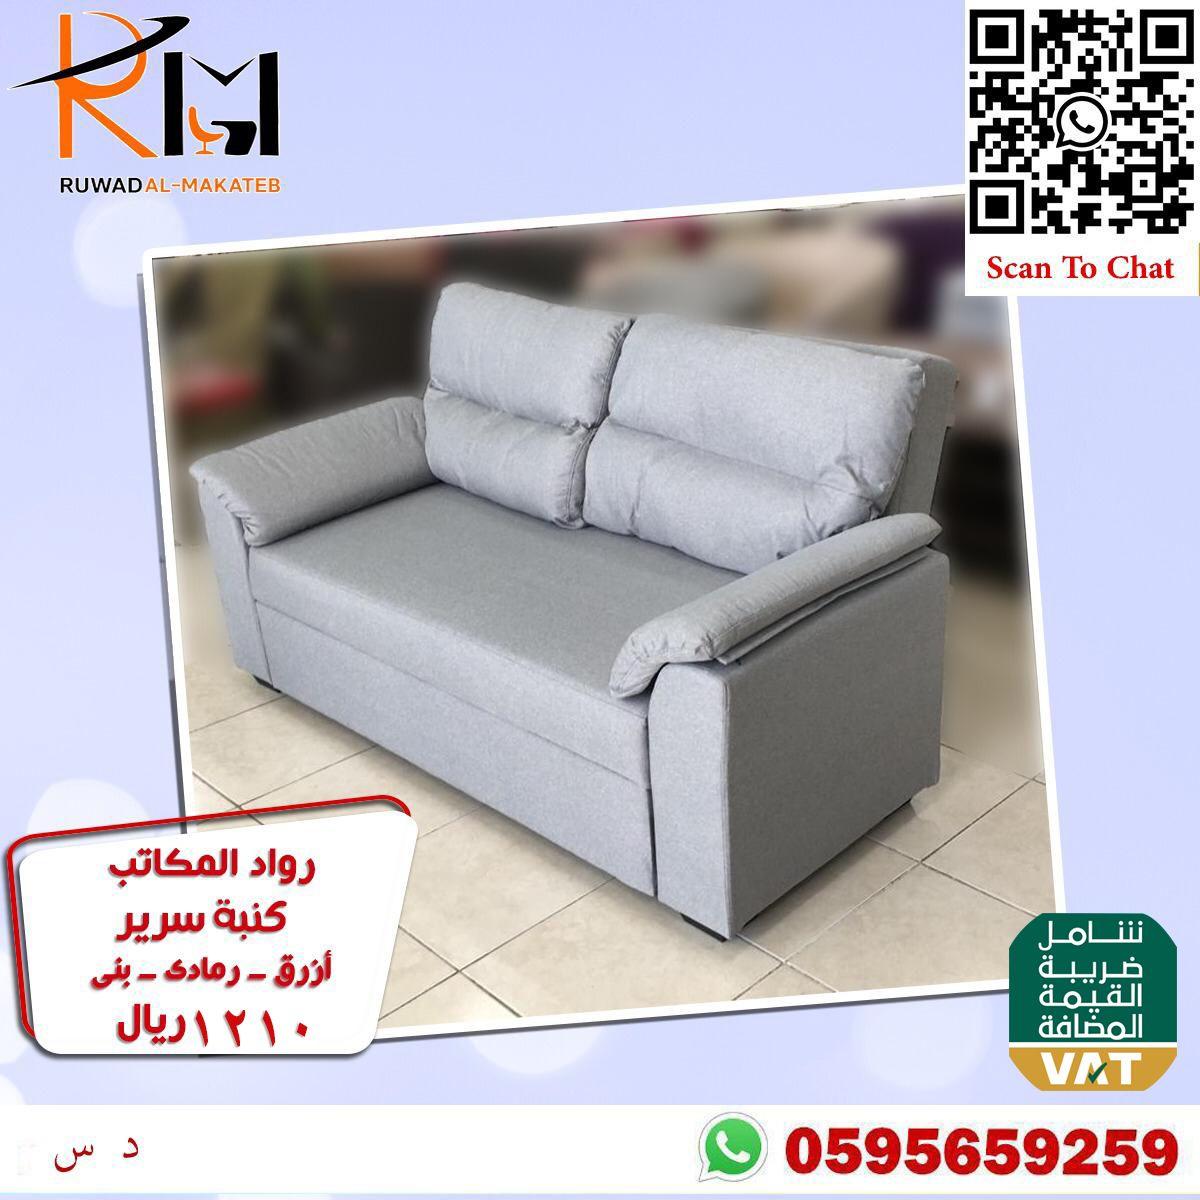 كنبة سرير In 2021 Outdoor Sofa Sofa Outdoor Furniture